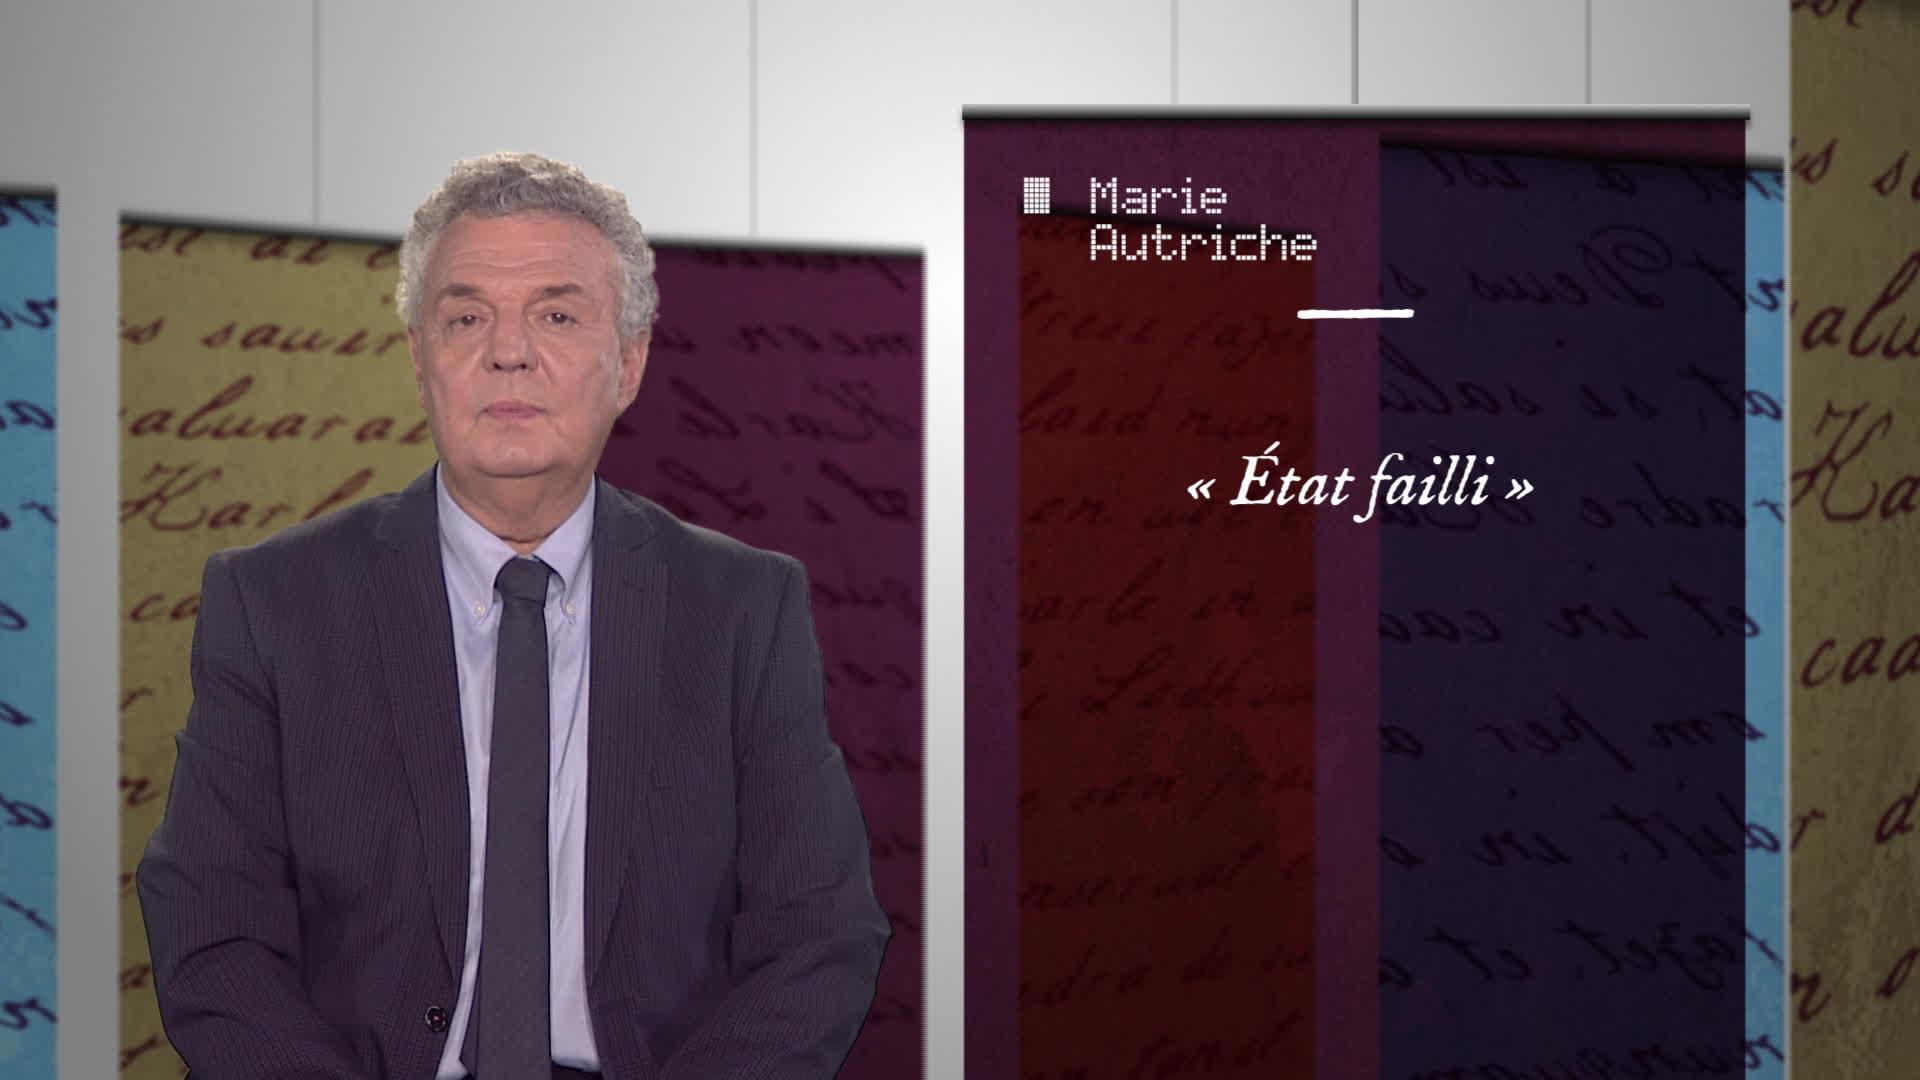 MERCI PROF-EP1032-ETAT FAILLI